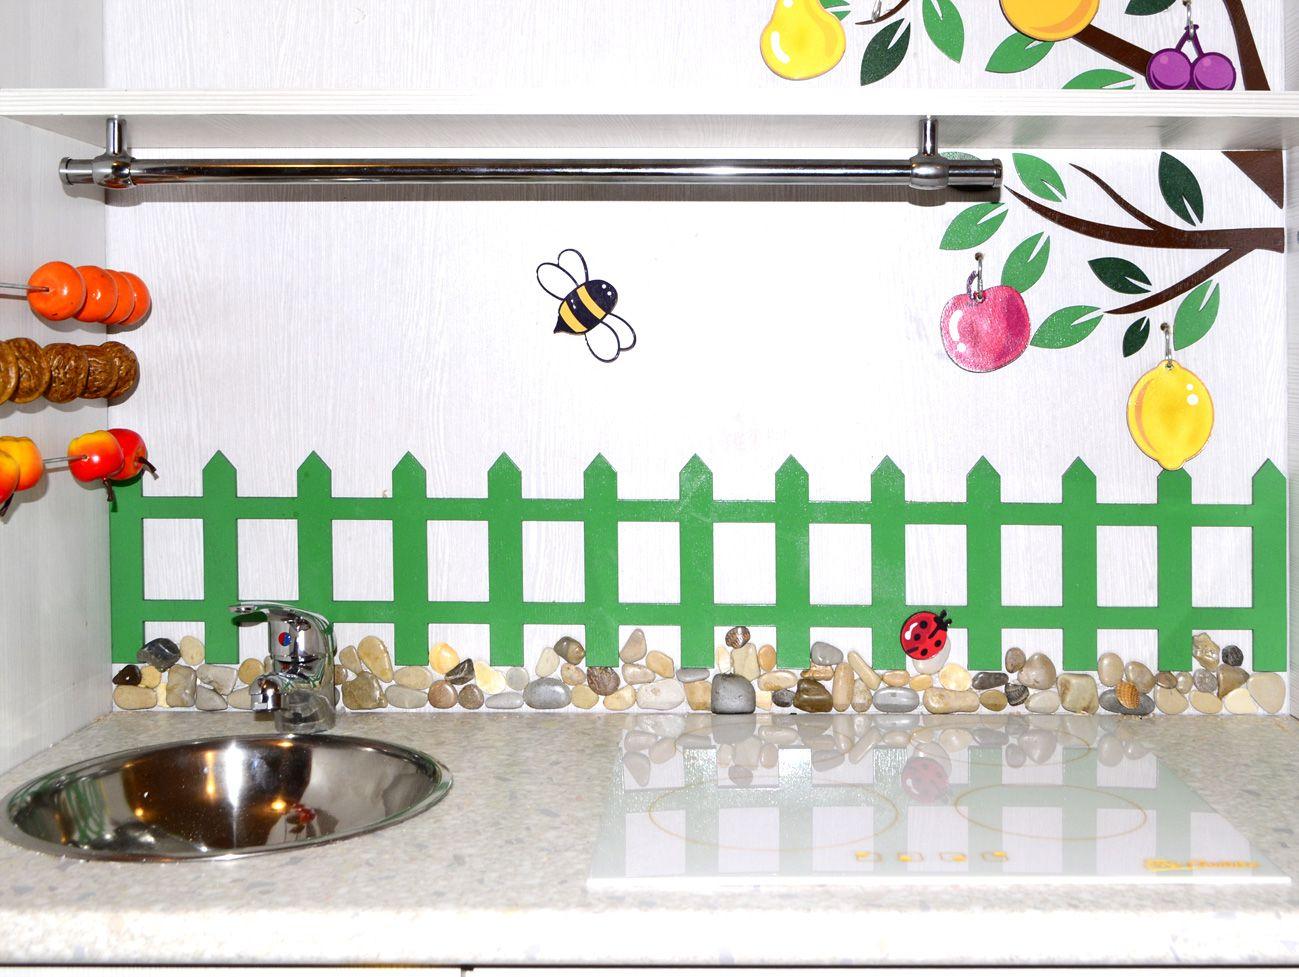 """""""Плита"""", которую можно снять. Слева видны счеты из фруктов ..."""